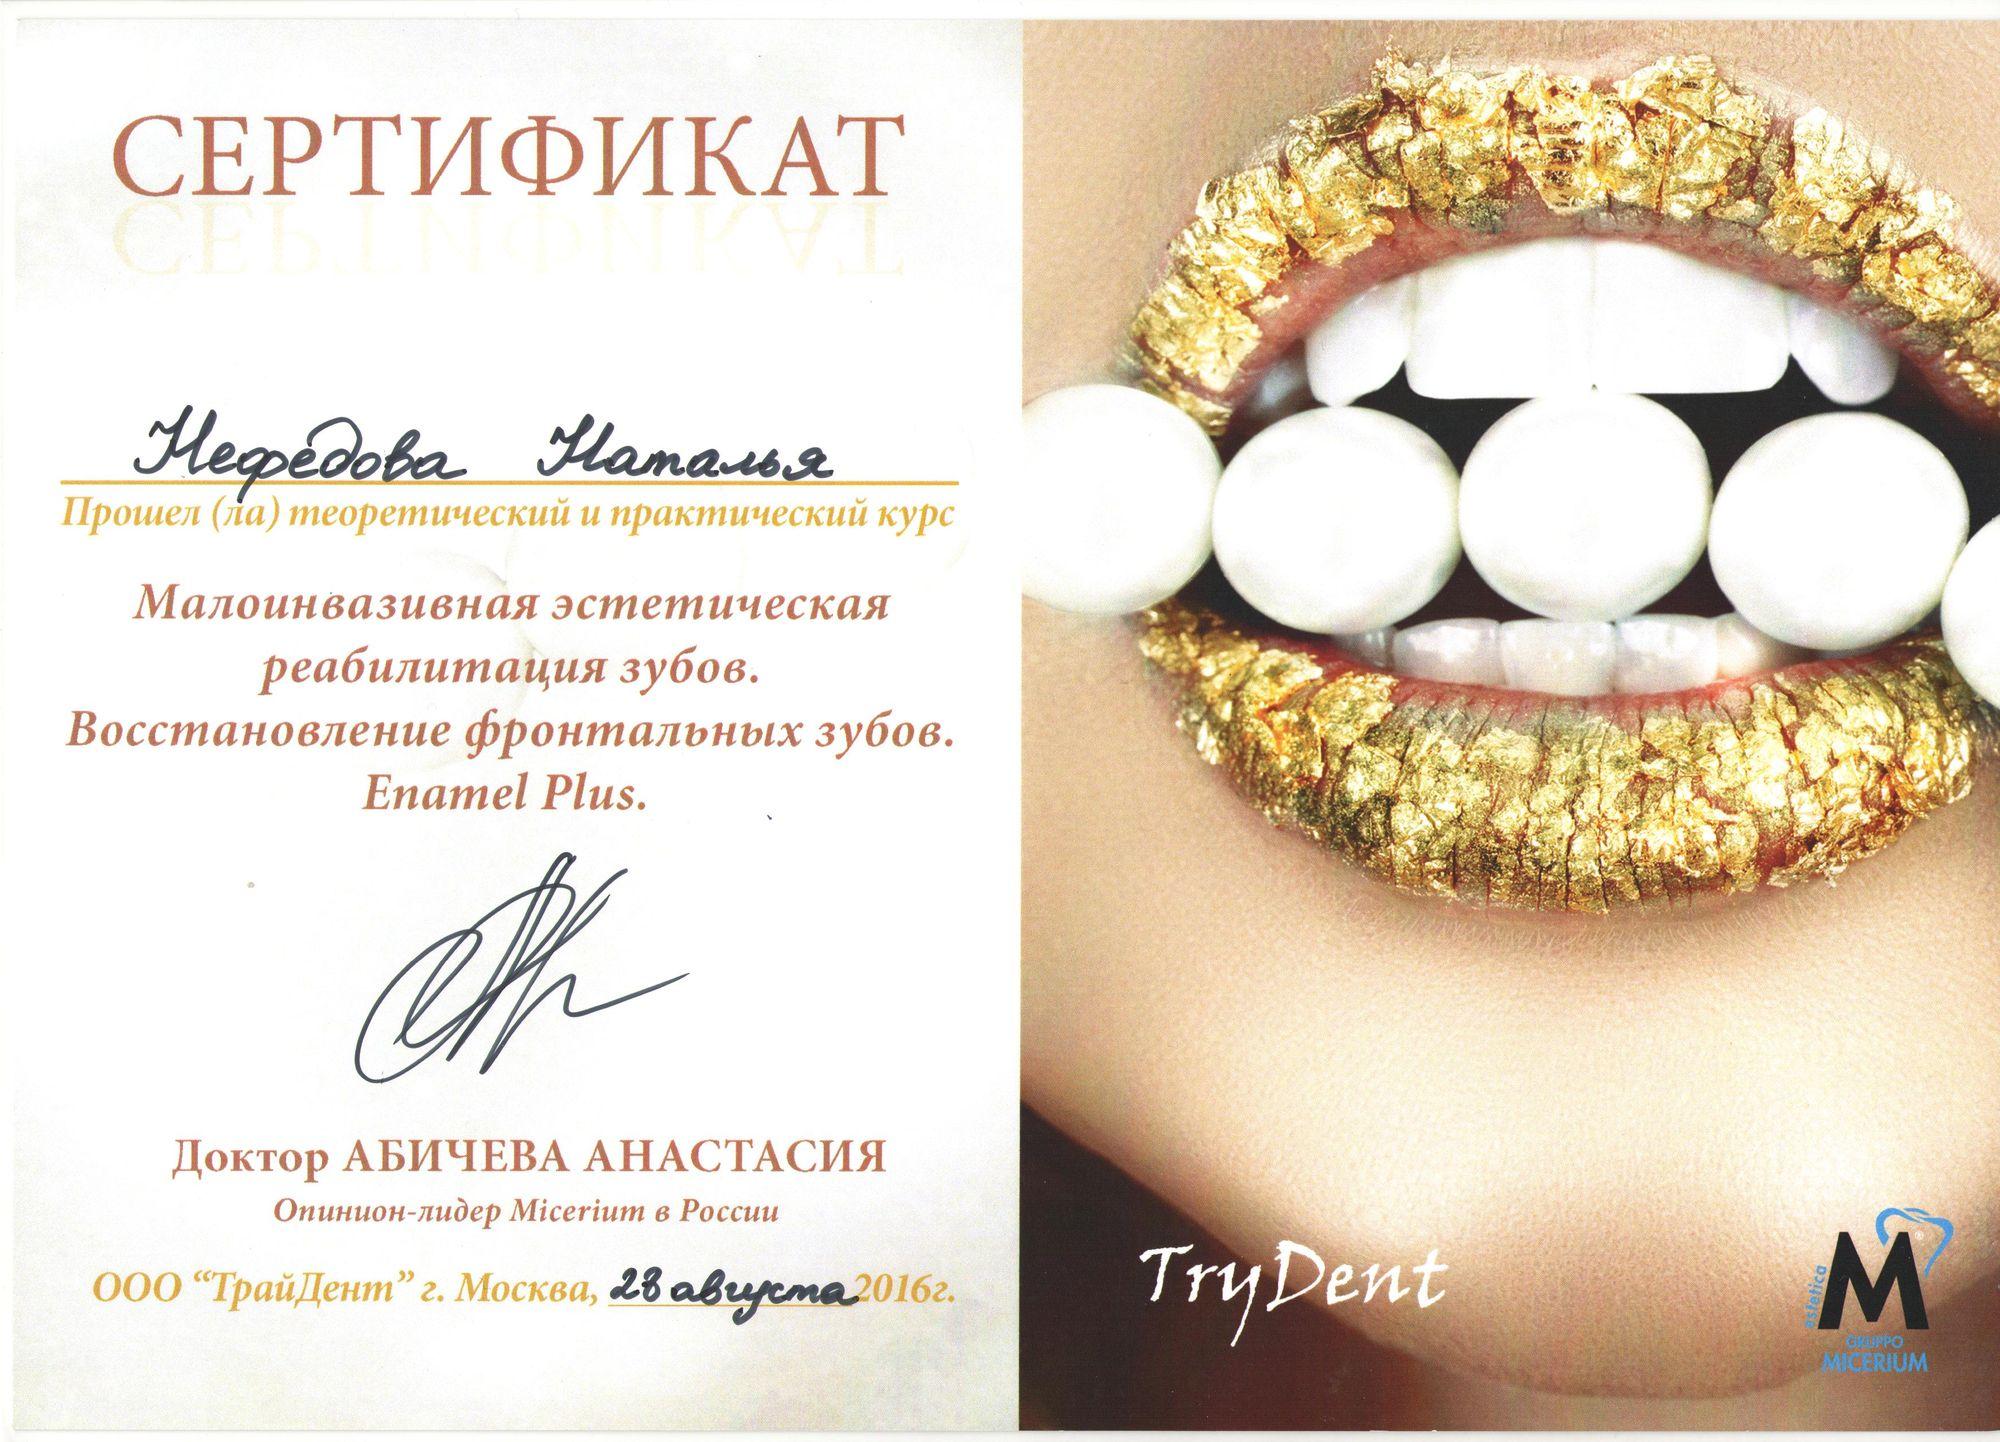 Нефедова_сертификаты_18